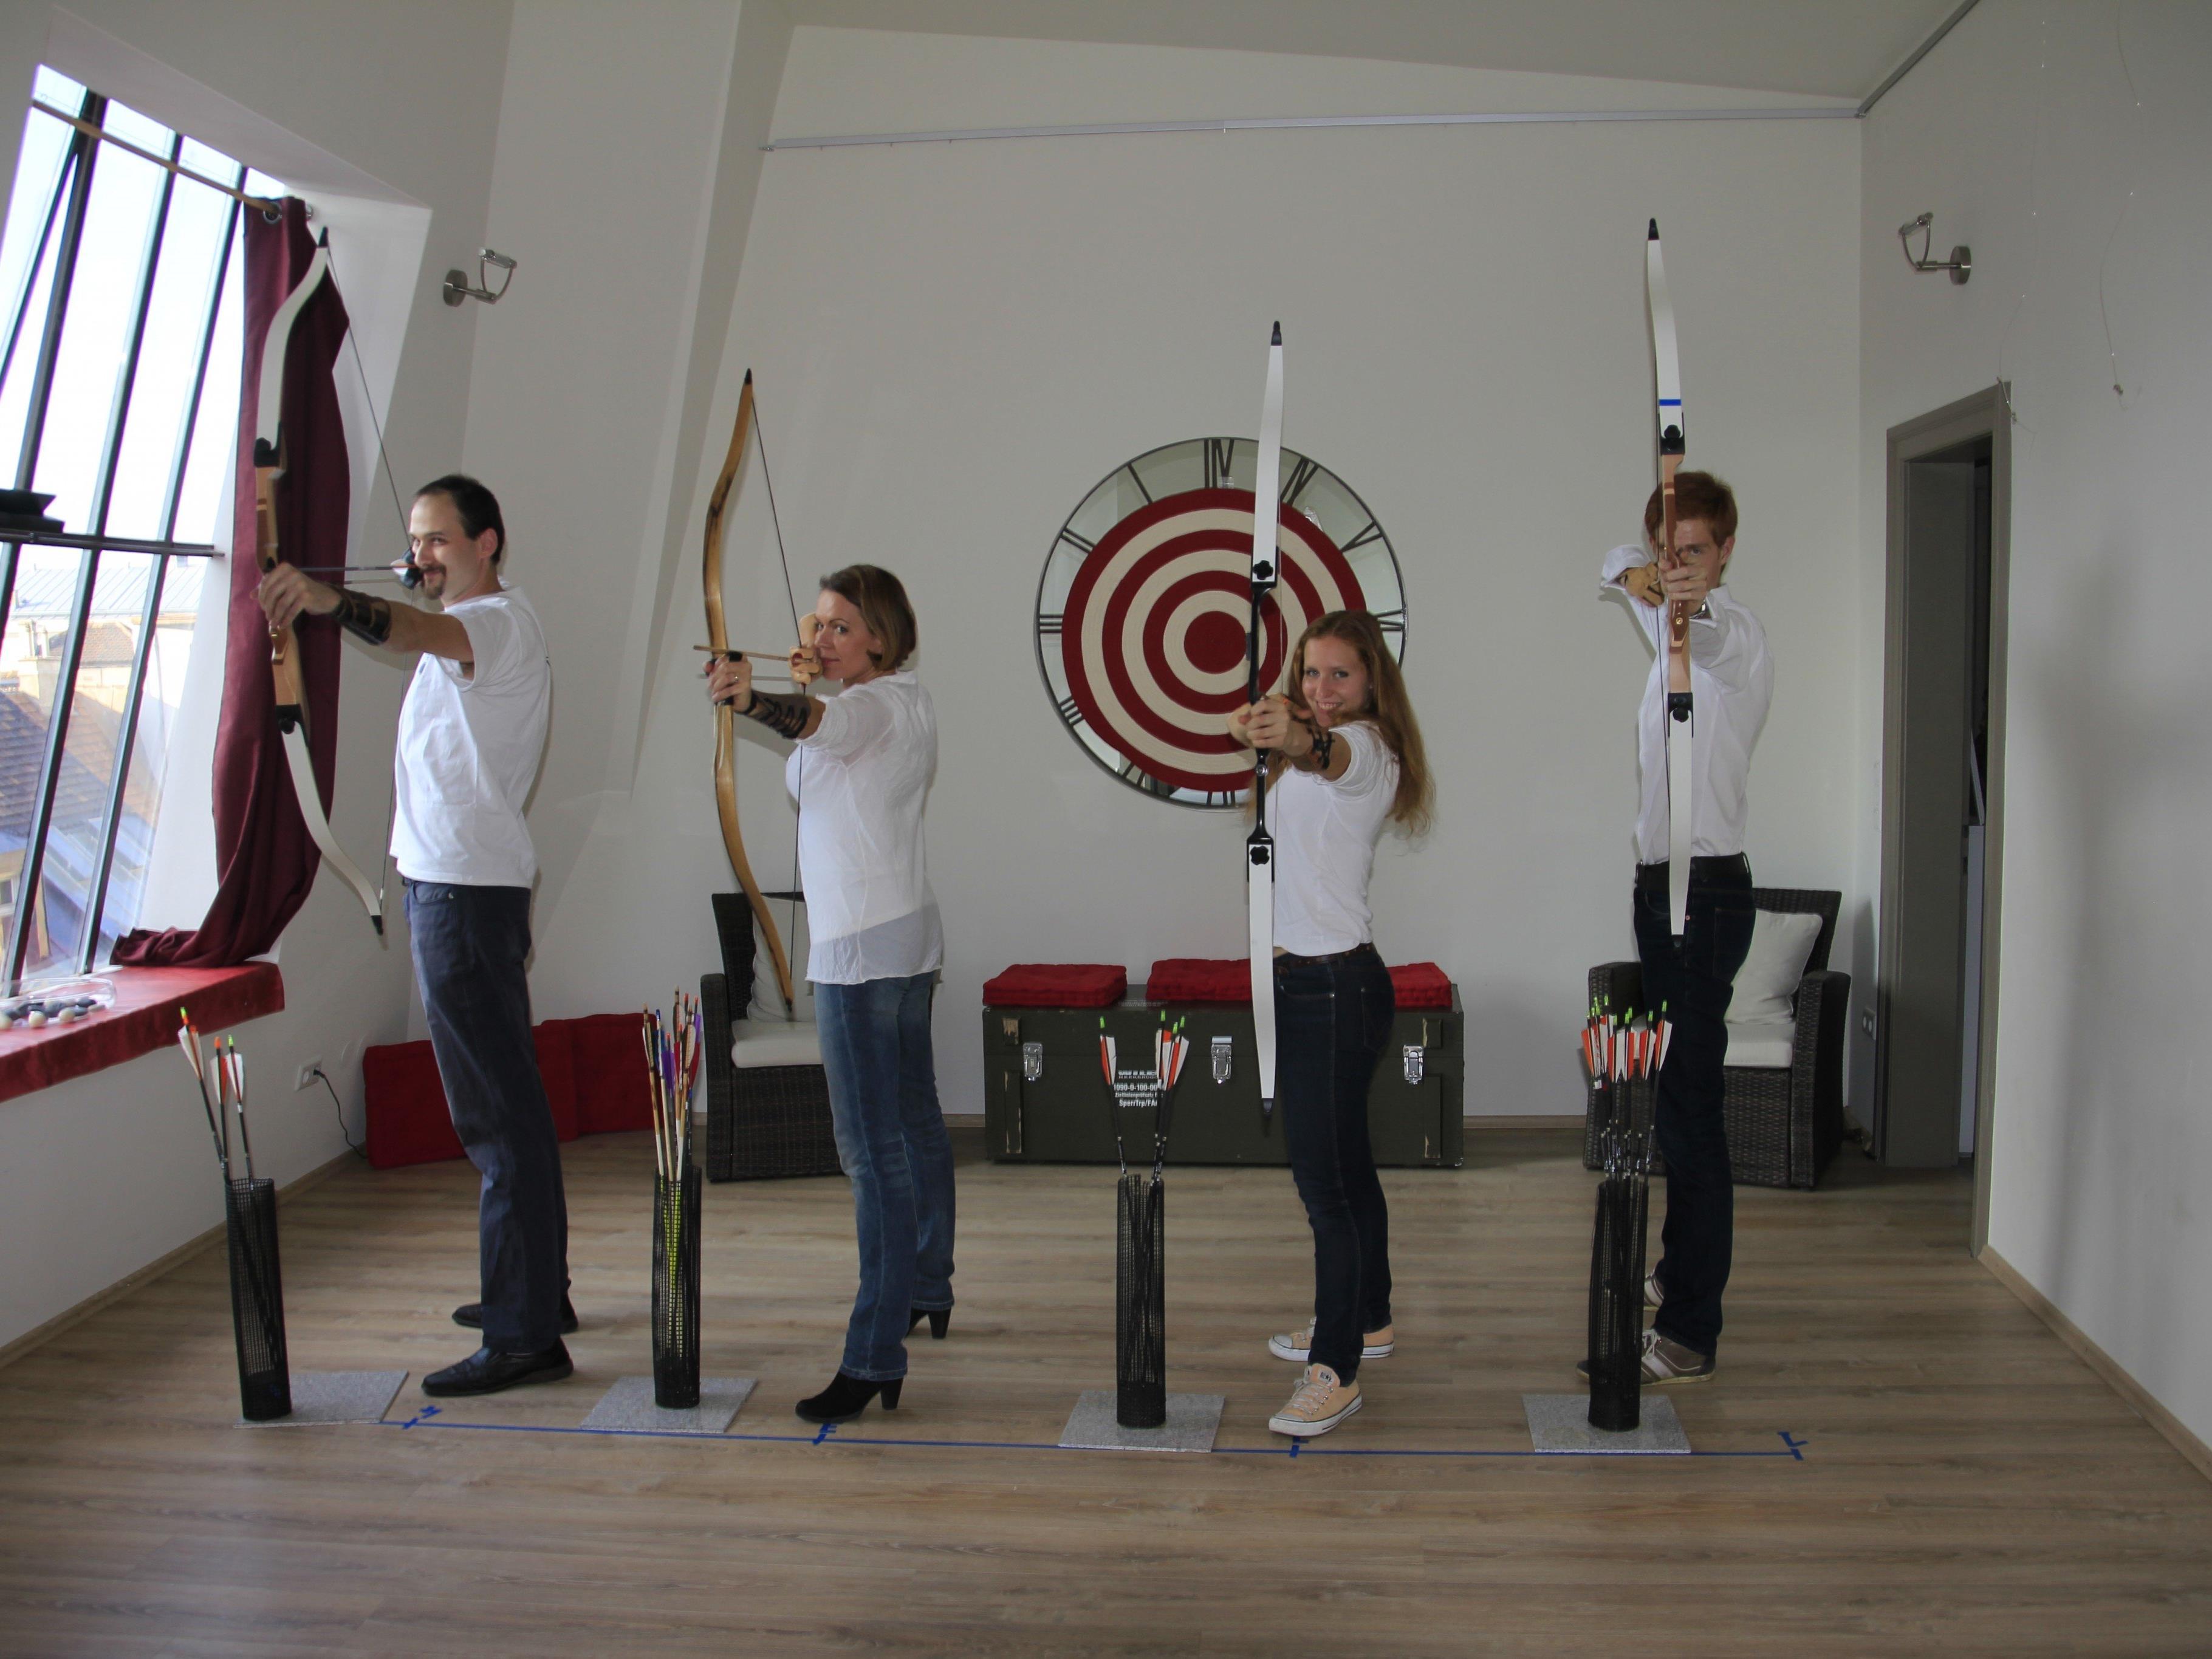 Freude am Bogenschießen wird einem im Arco Vienna Club anschaulich vermittelt